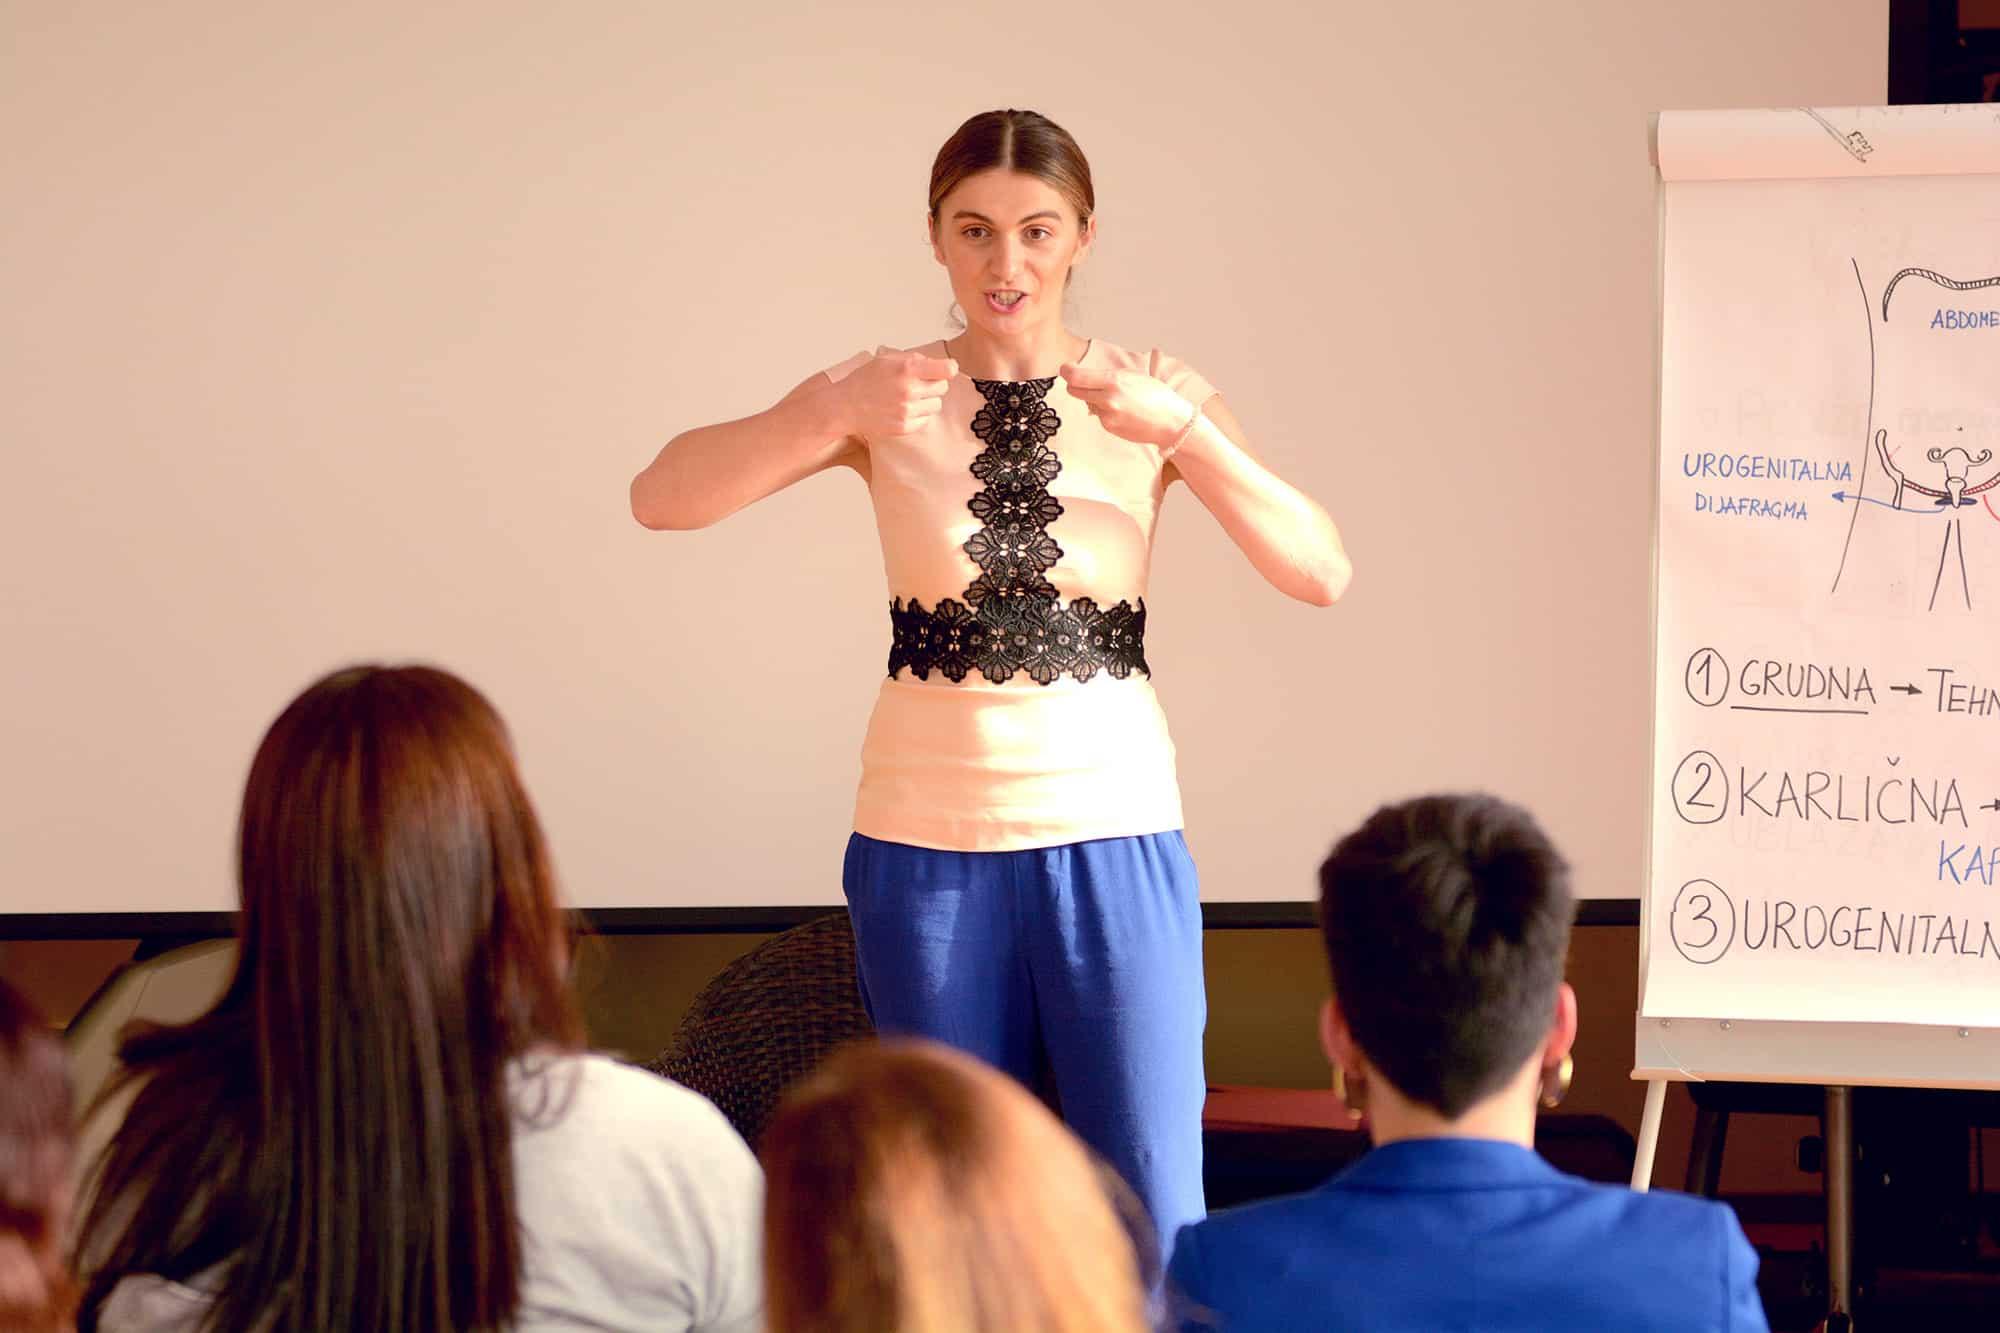 Petra Cutuk Vjeruj Traži Manifestiraj Zdravlje Meditacija Vježbe Disanja Samopouzdanje Posao Snaga Žene Pula Zasu Inspiracija